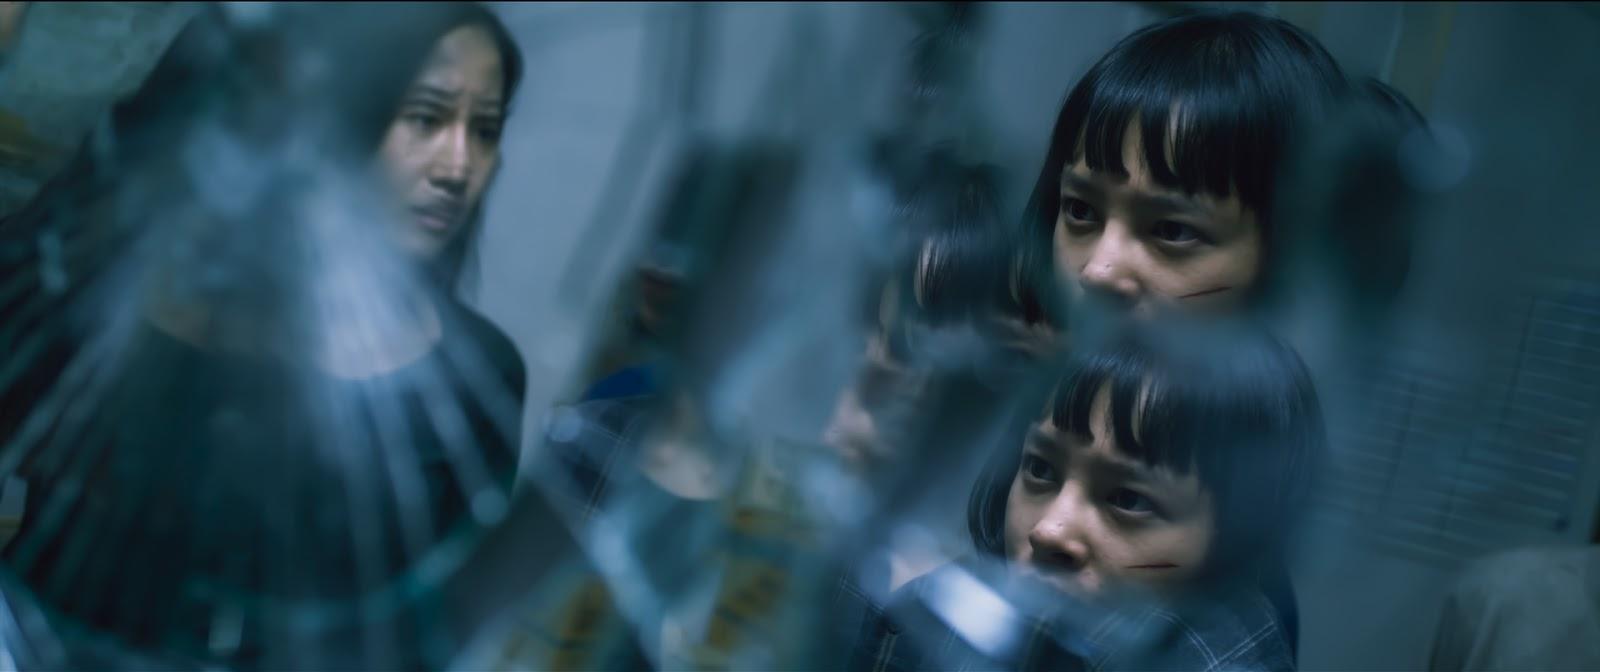 """Netflix เปิดตัวภาพยนตร์ไทยแนวระทึกขวัญผลงานทีมกำกับ-นักแสดงรุ่นใหม่ลงสตรีมมิ่ง """"DEEP โปรเจกต์ลับ หลับเป็นตาย"""" 16 กรกฎาคม นี้ พร้อมกันทั่วโลก"""